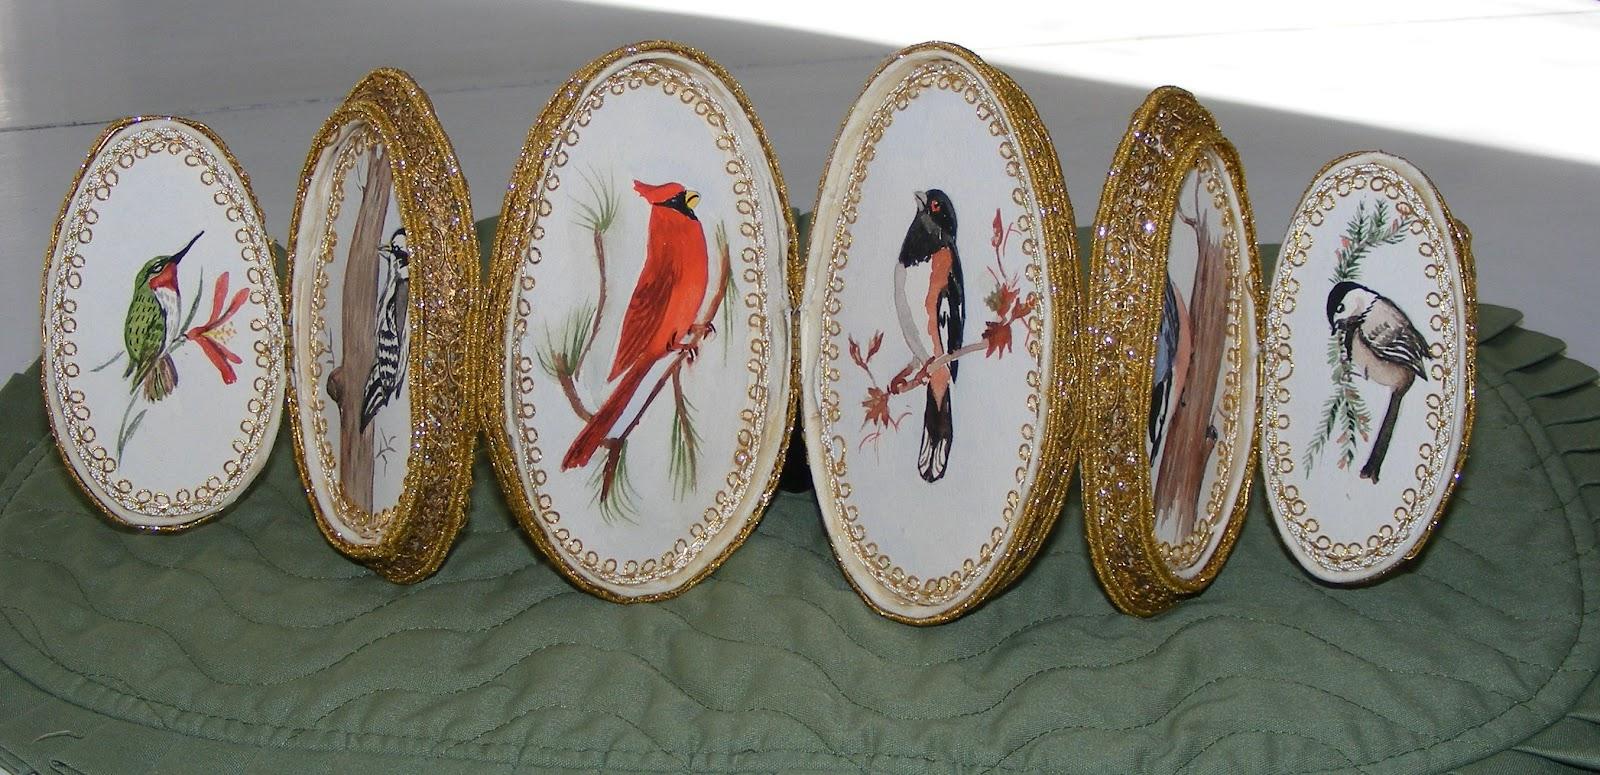 http://1.bp.blogspot.com/-C7jEtrh0bWc/UY1o7a3T4AI/AAAAAAAAAIg/Vdos2UjYiyA/s1600/08-Bird+Egg-Open-Side+1.jpg